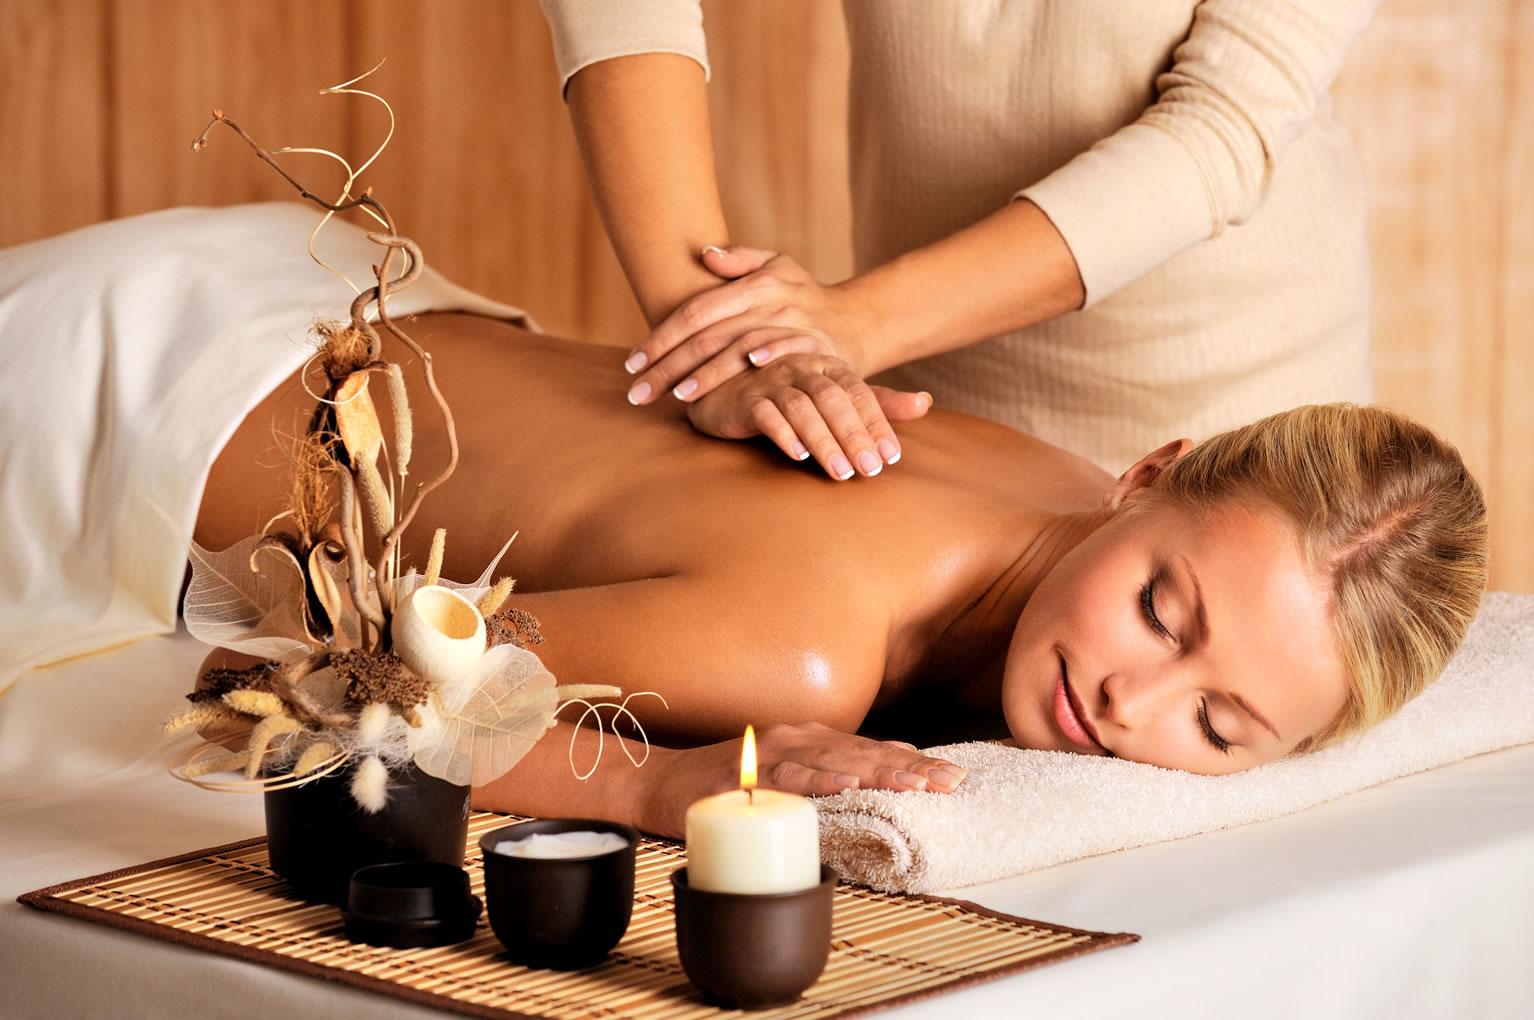 24 7 massage